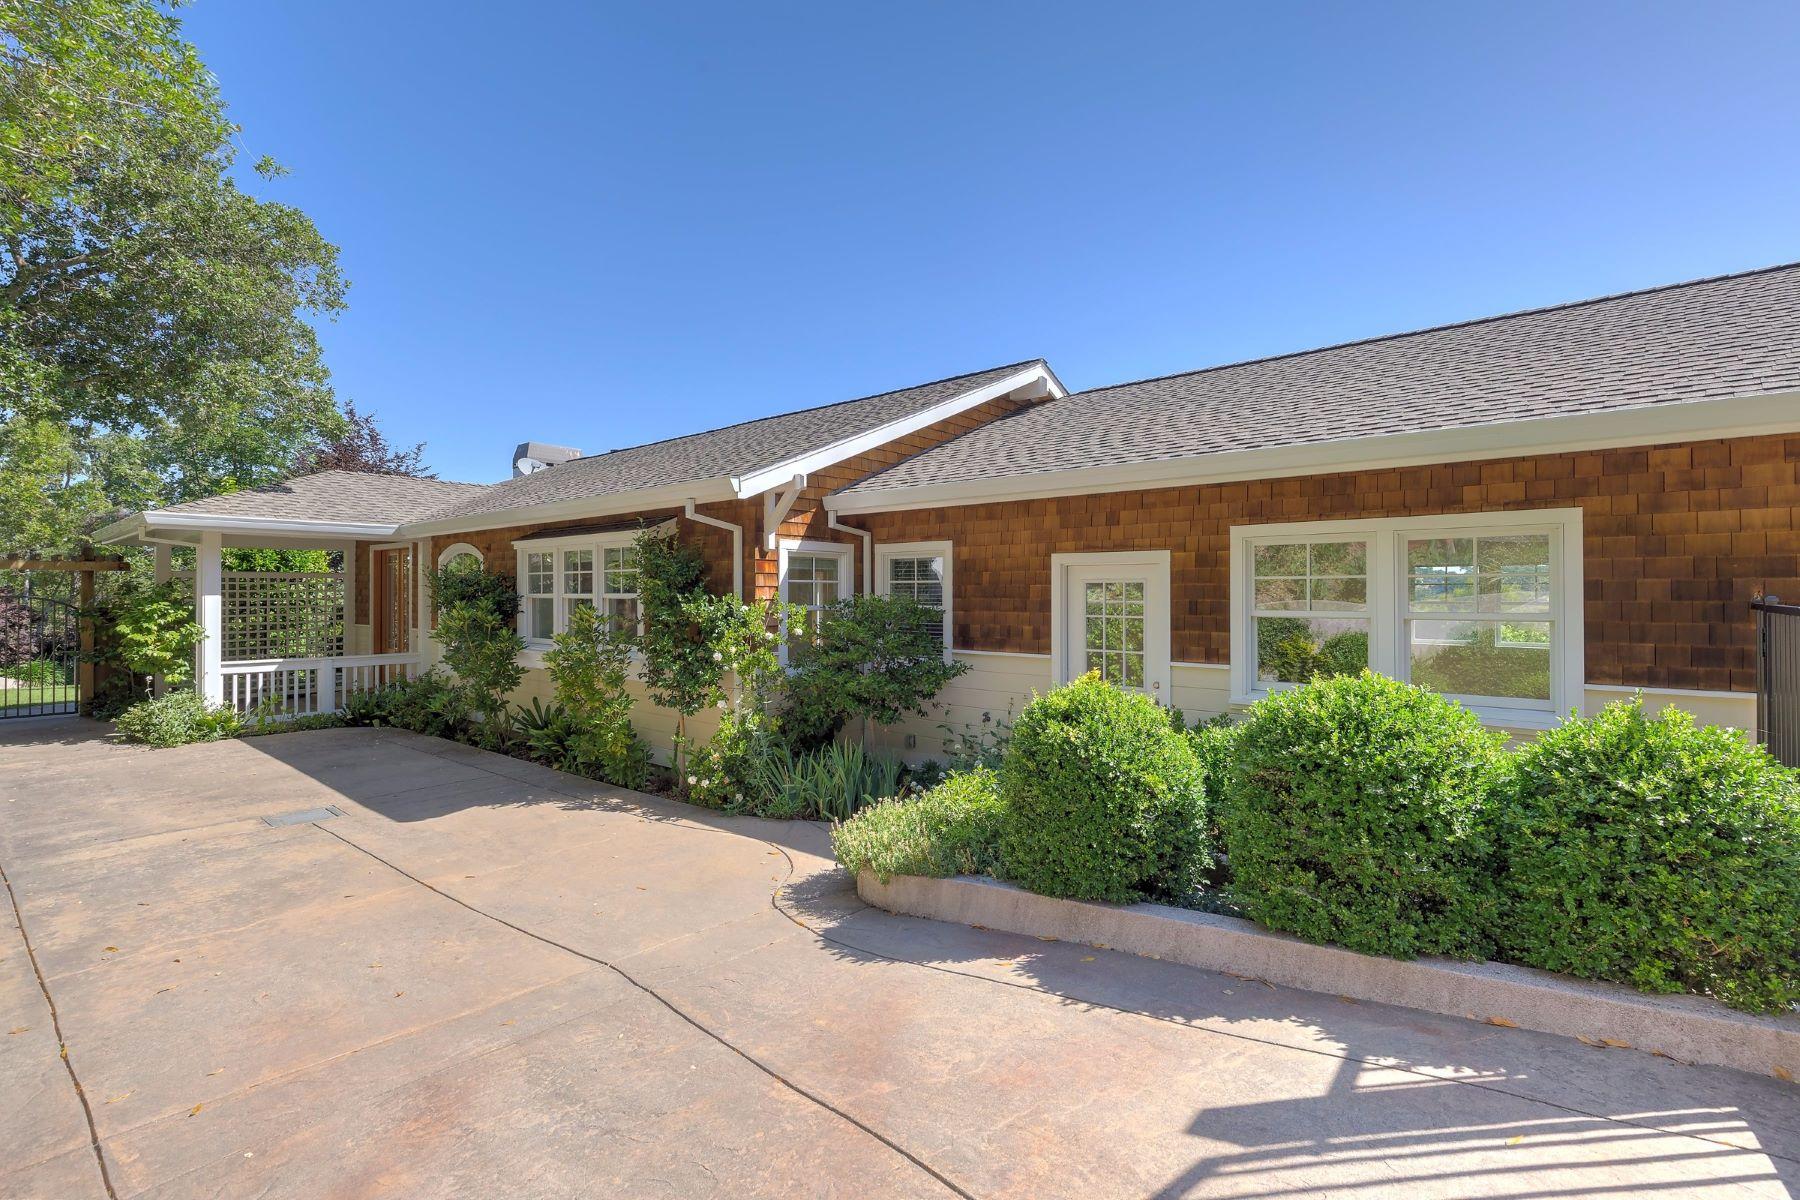 Maison unifamiliale pour l Vente à 30 Sunny Oak Drive 30 Sunny Oaks Drive San Rafael, Californie 94903 États-Unis